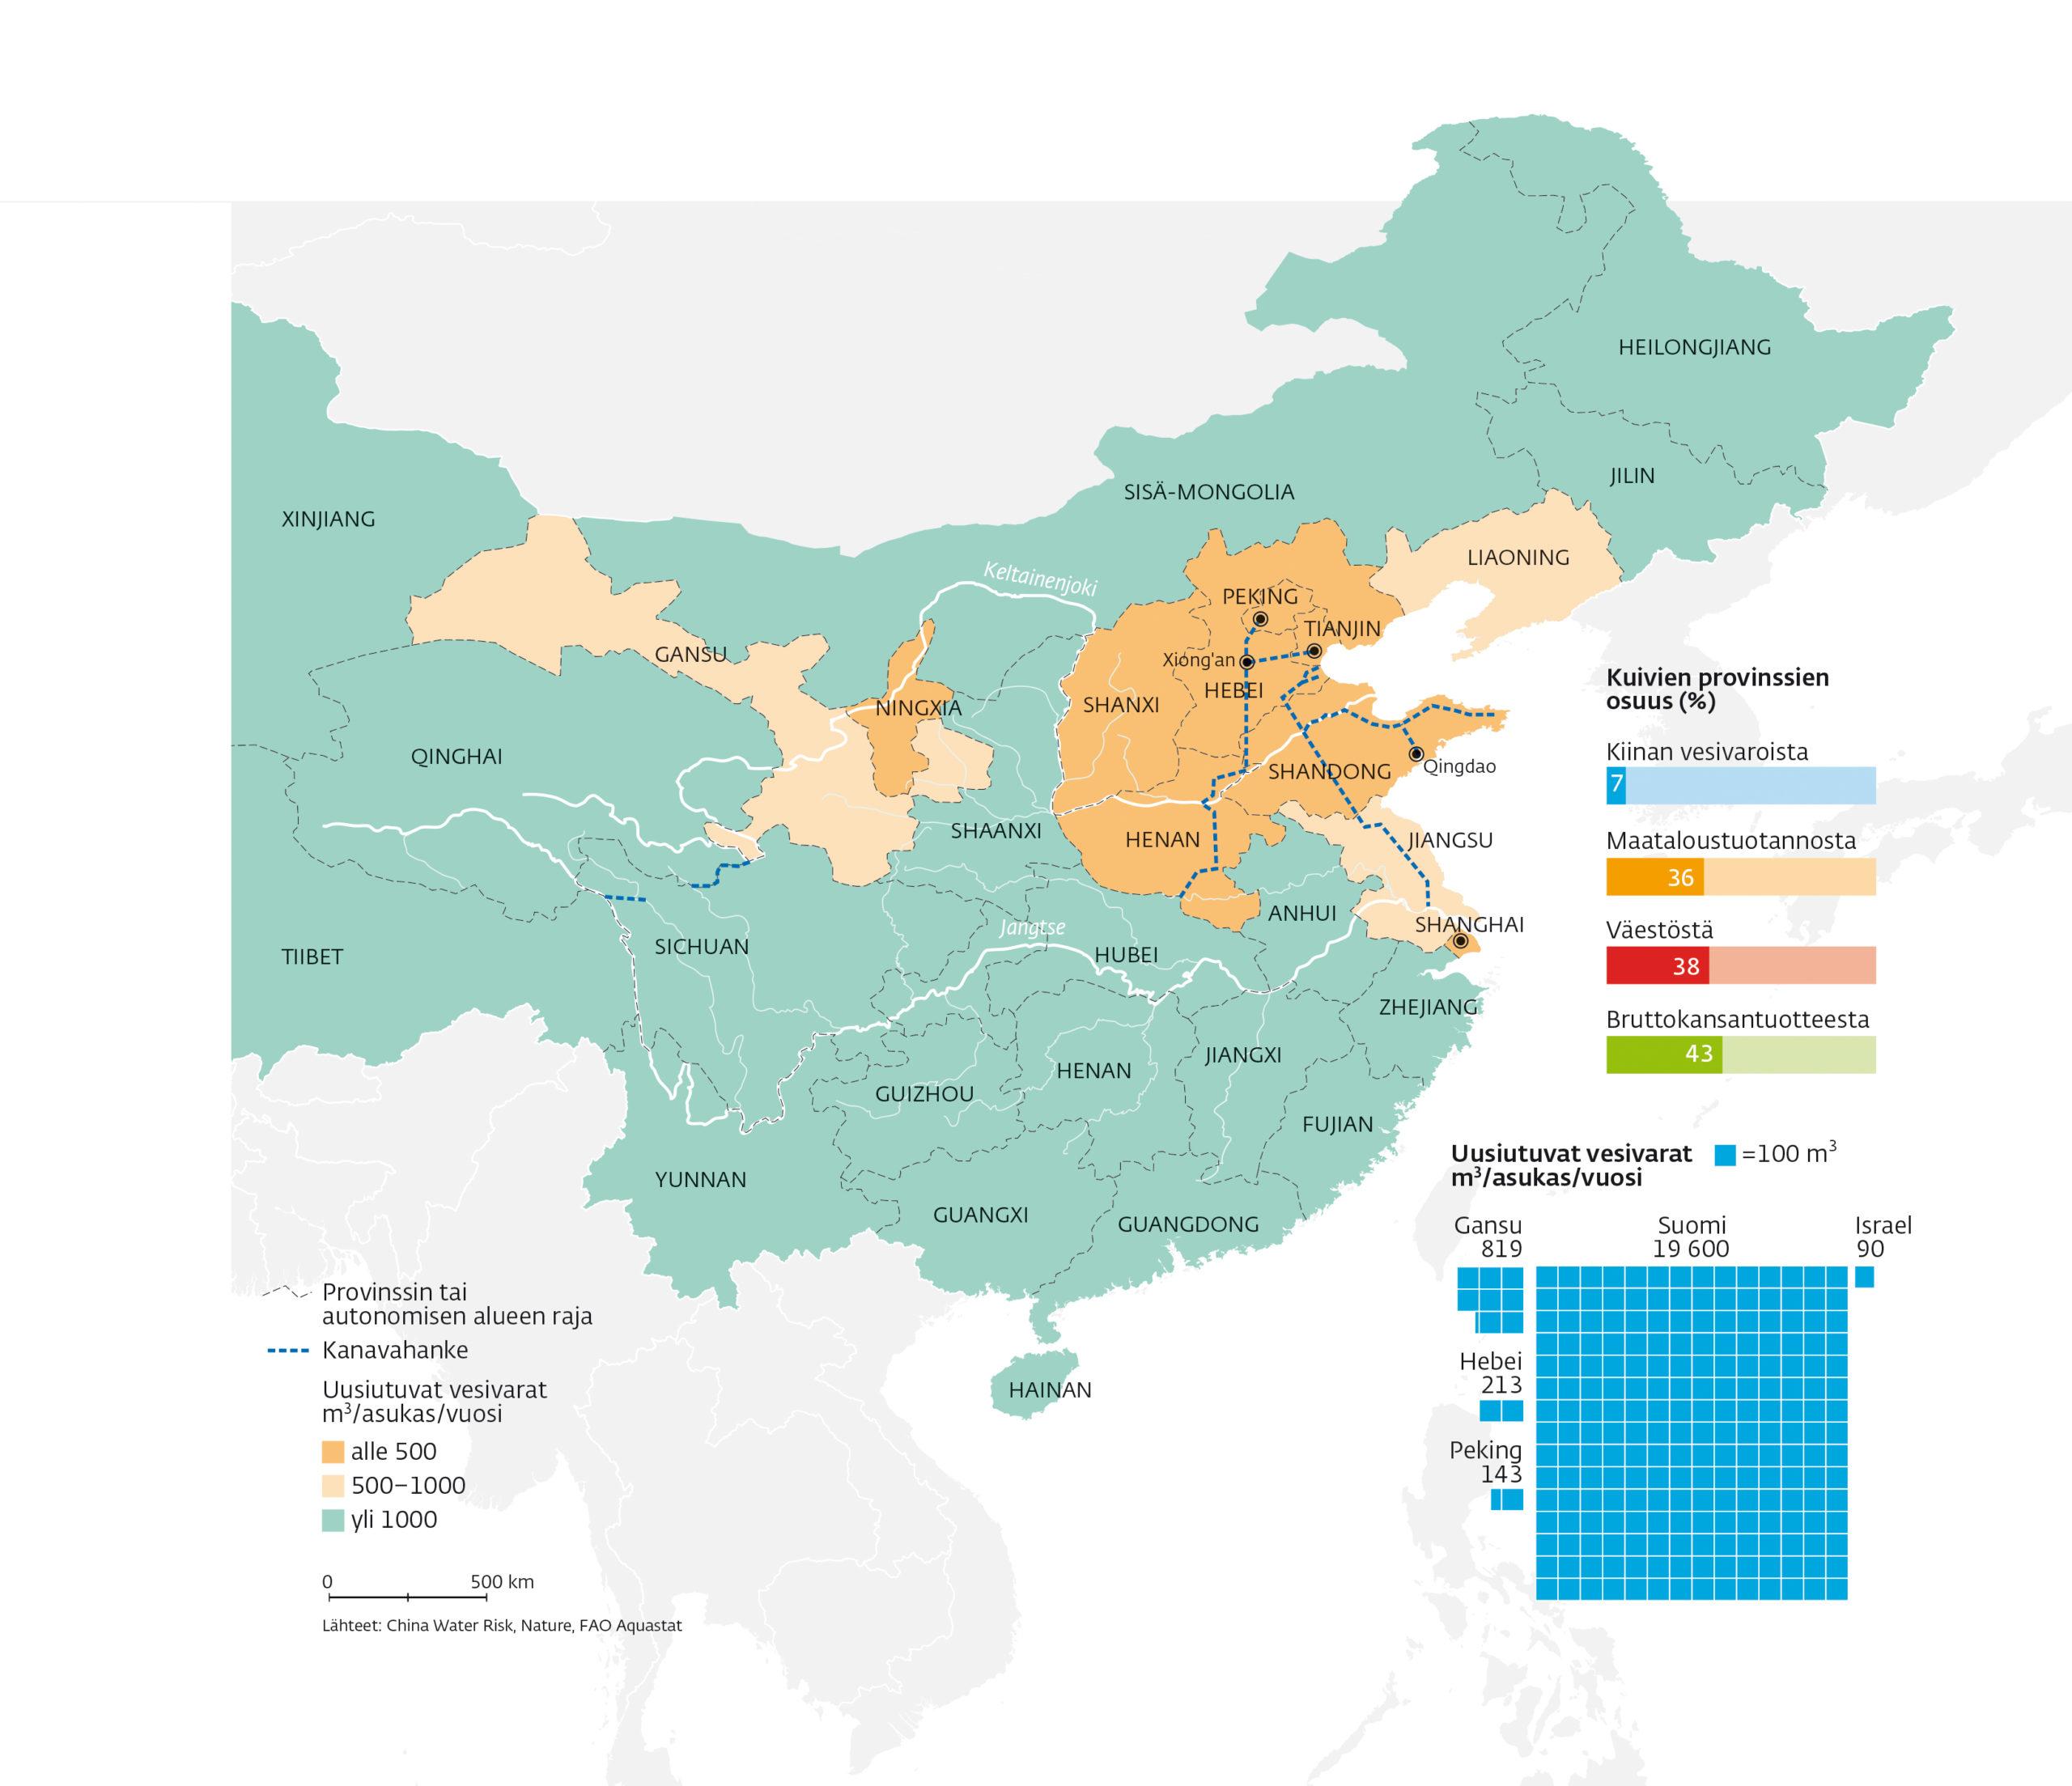 Kartta: Kauko Kyöstiö